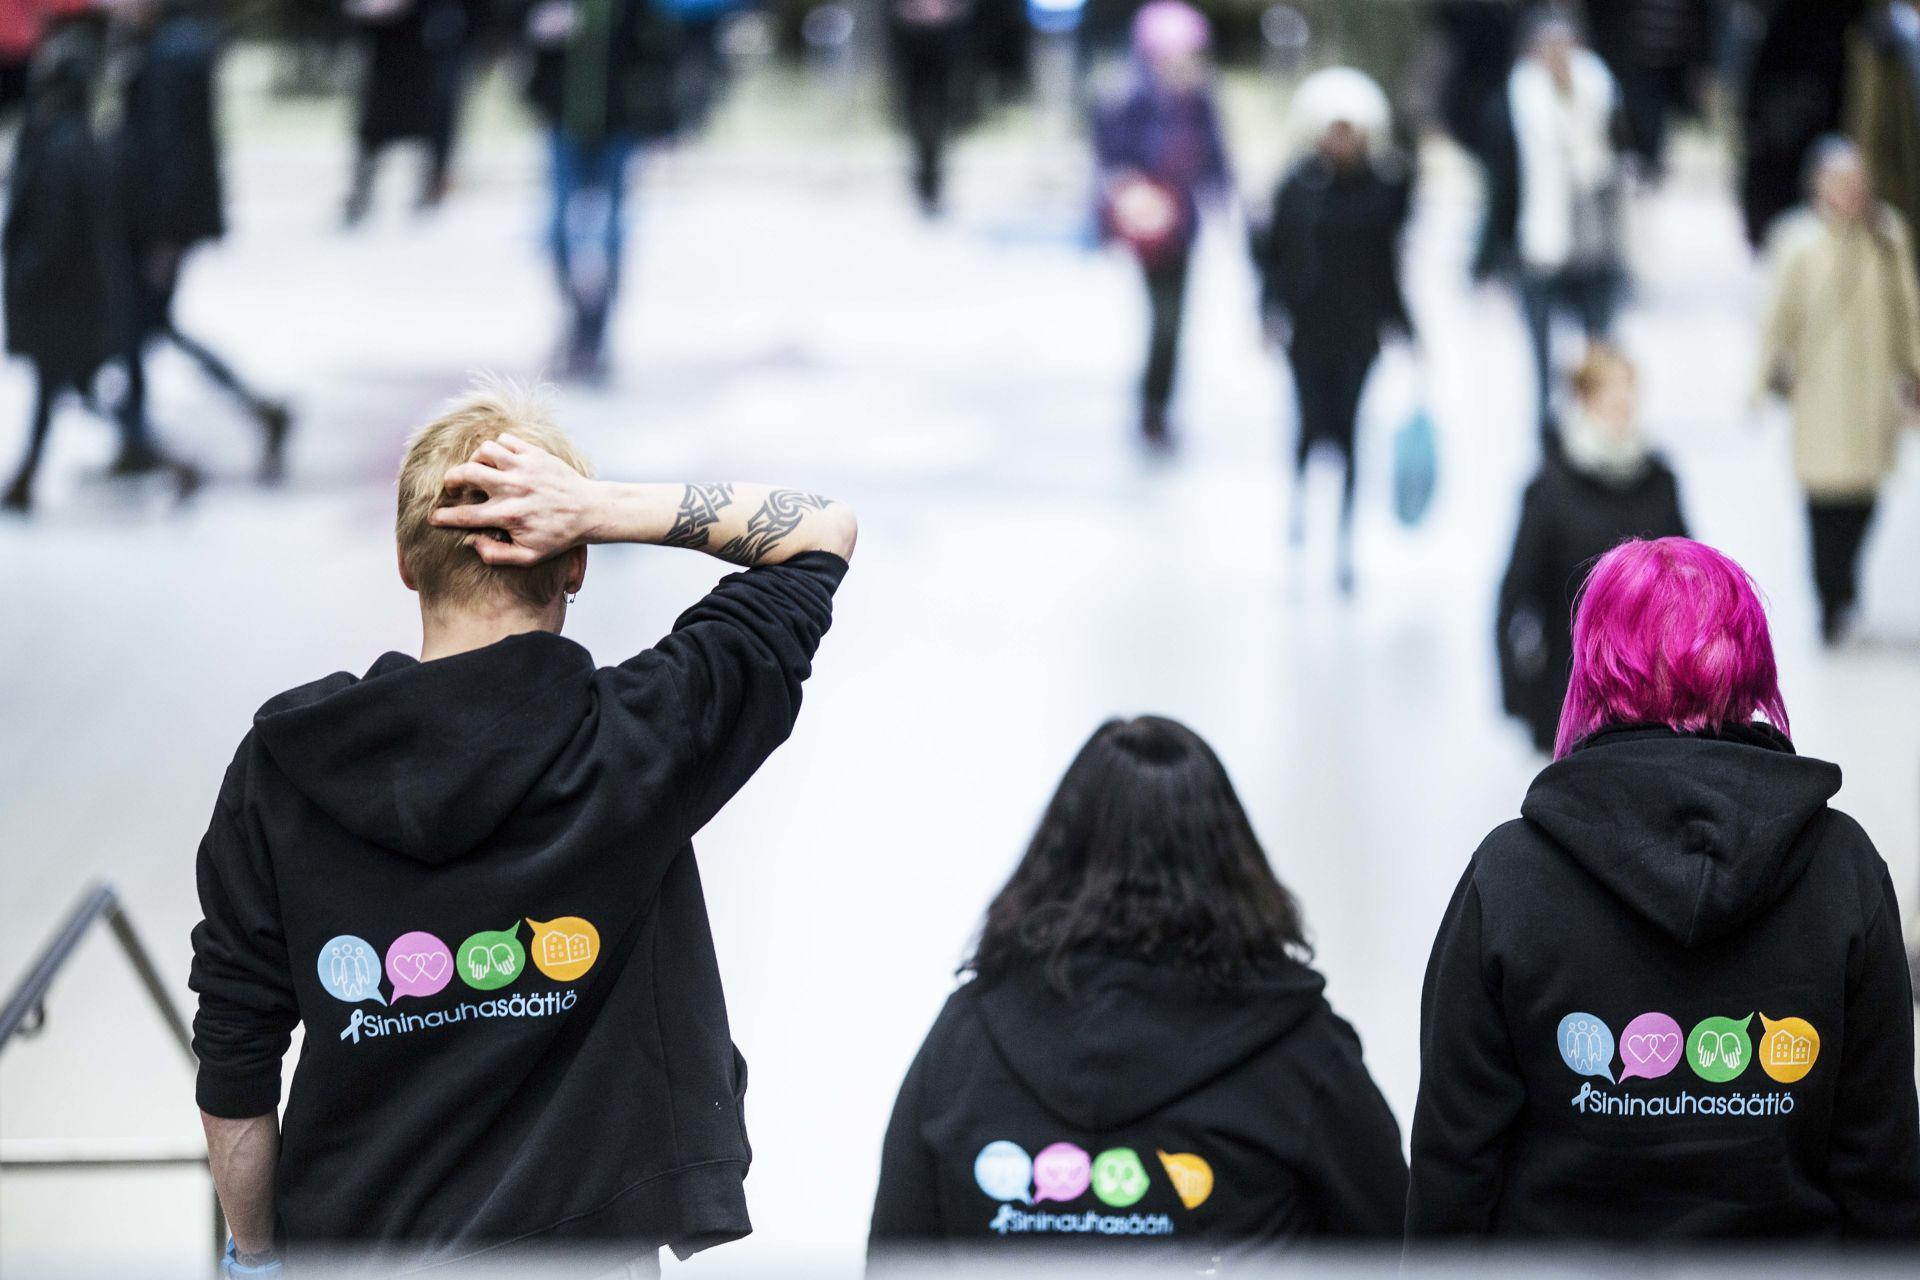 Kolme Sininauhasäätiön huppareihin pukeutunutta henkilöä seisoo selin kameraan ja katsoo kadulla kulkevia ihmisiä.